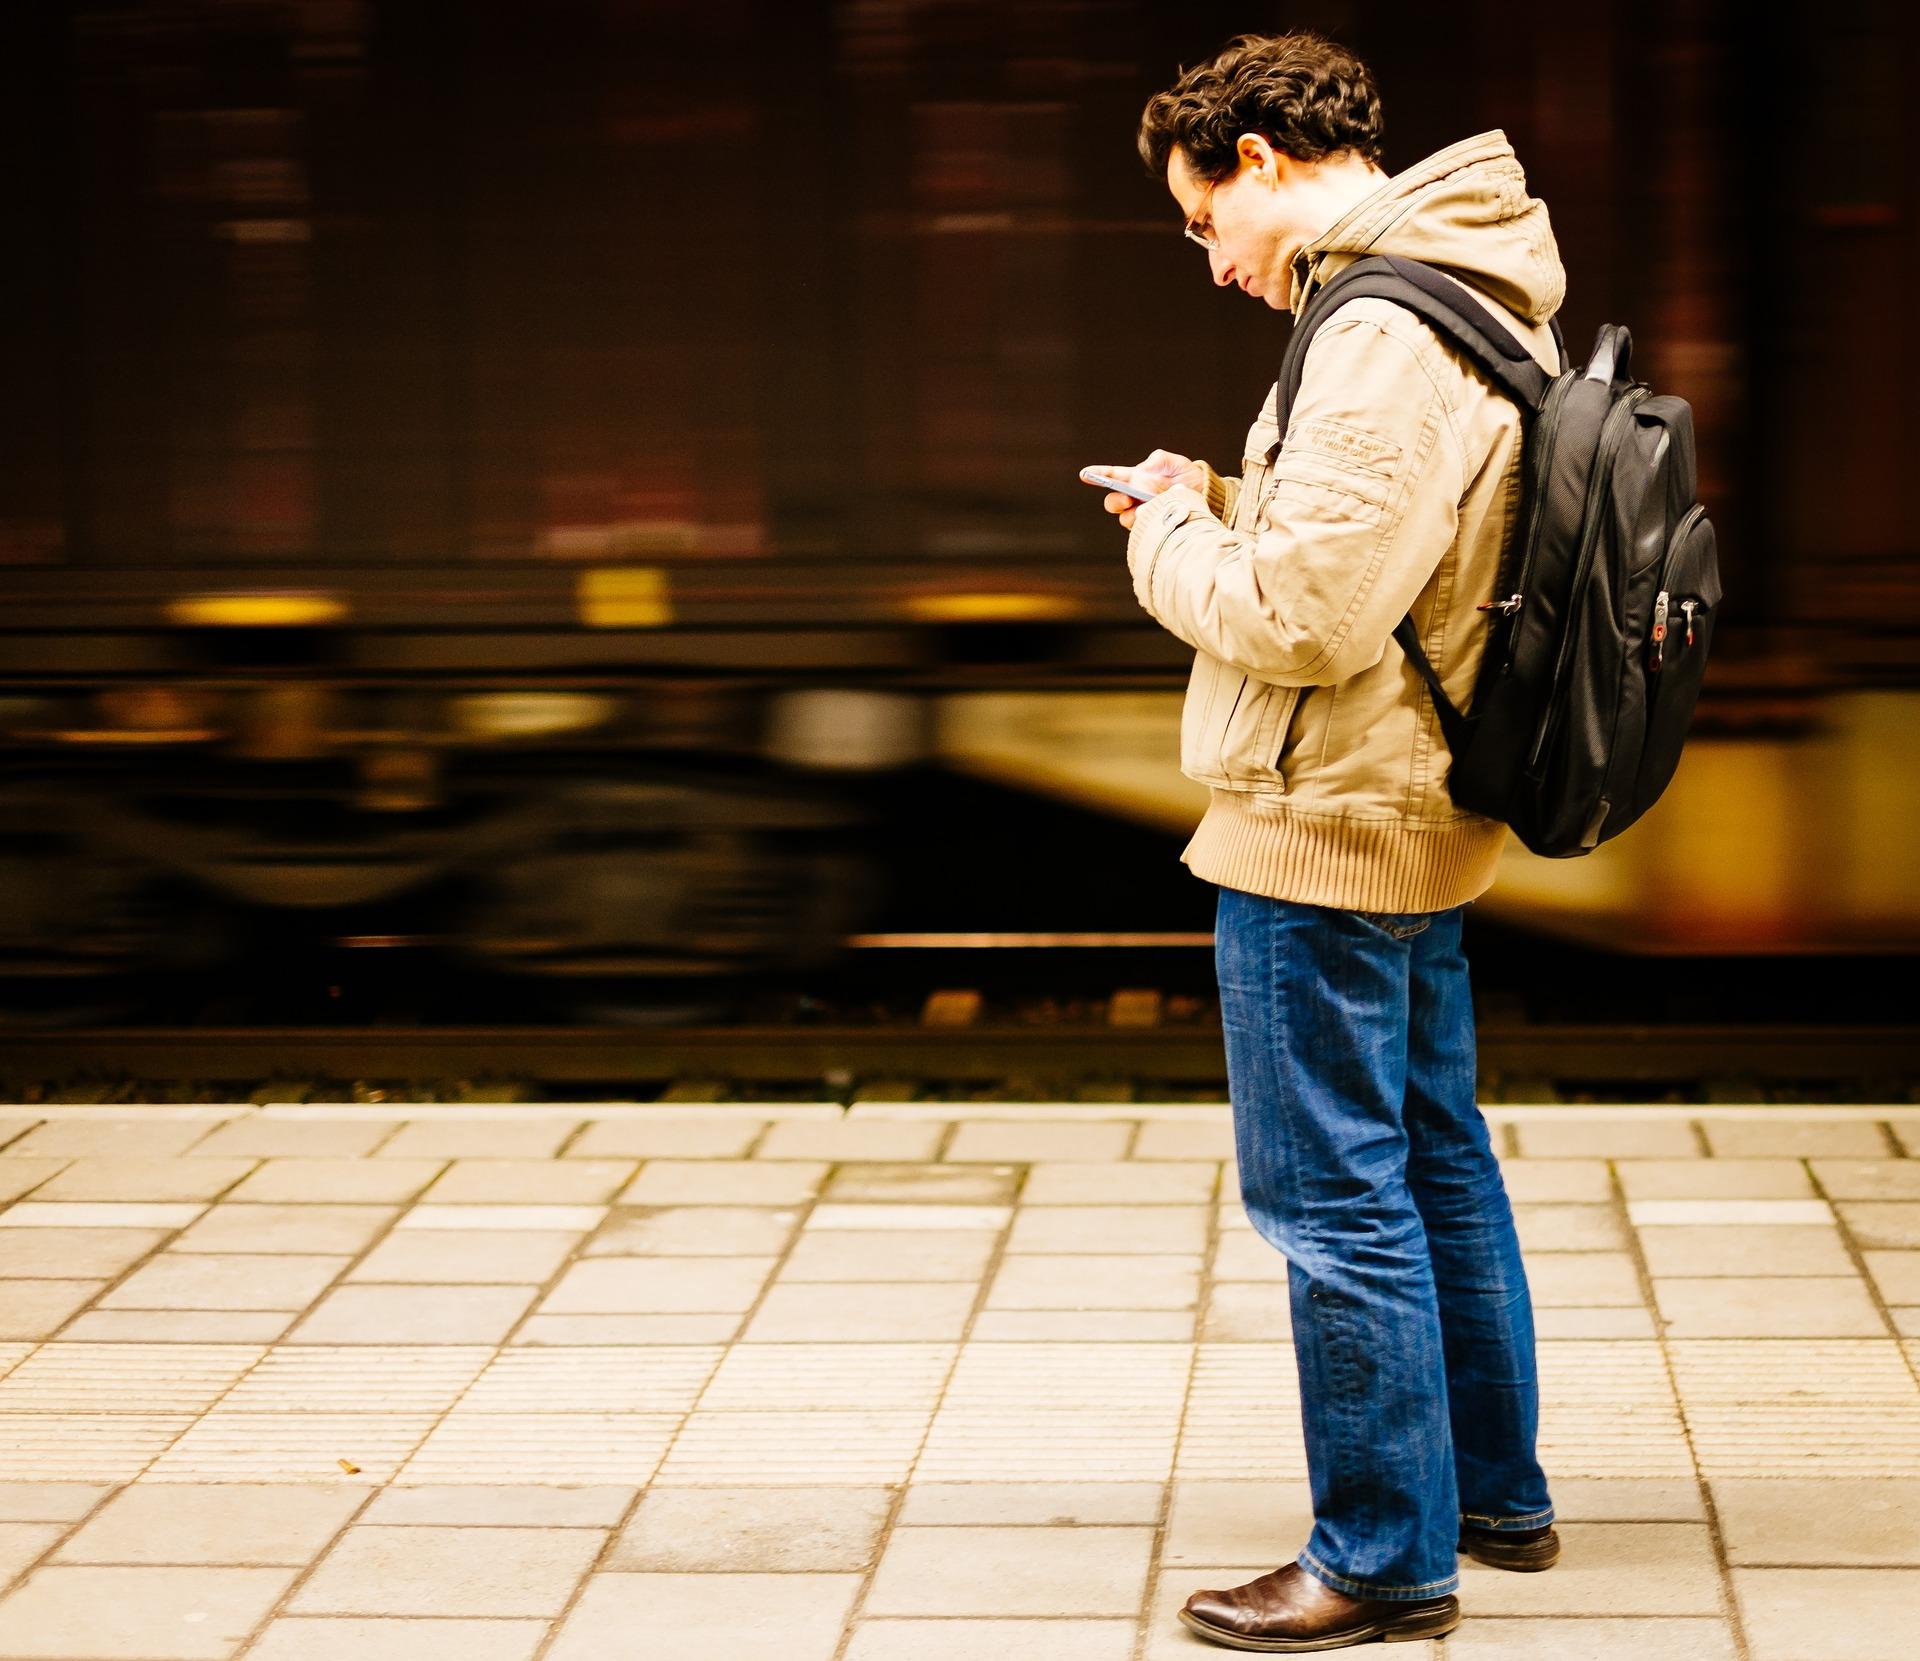 Homme écrivant sur son cellulaire